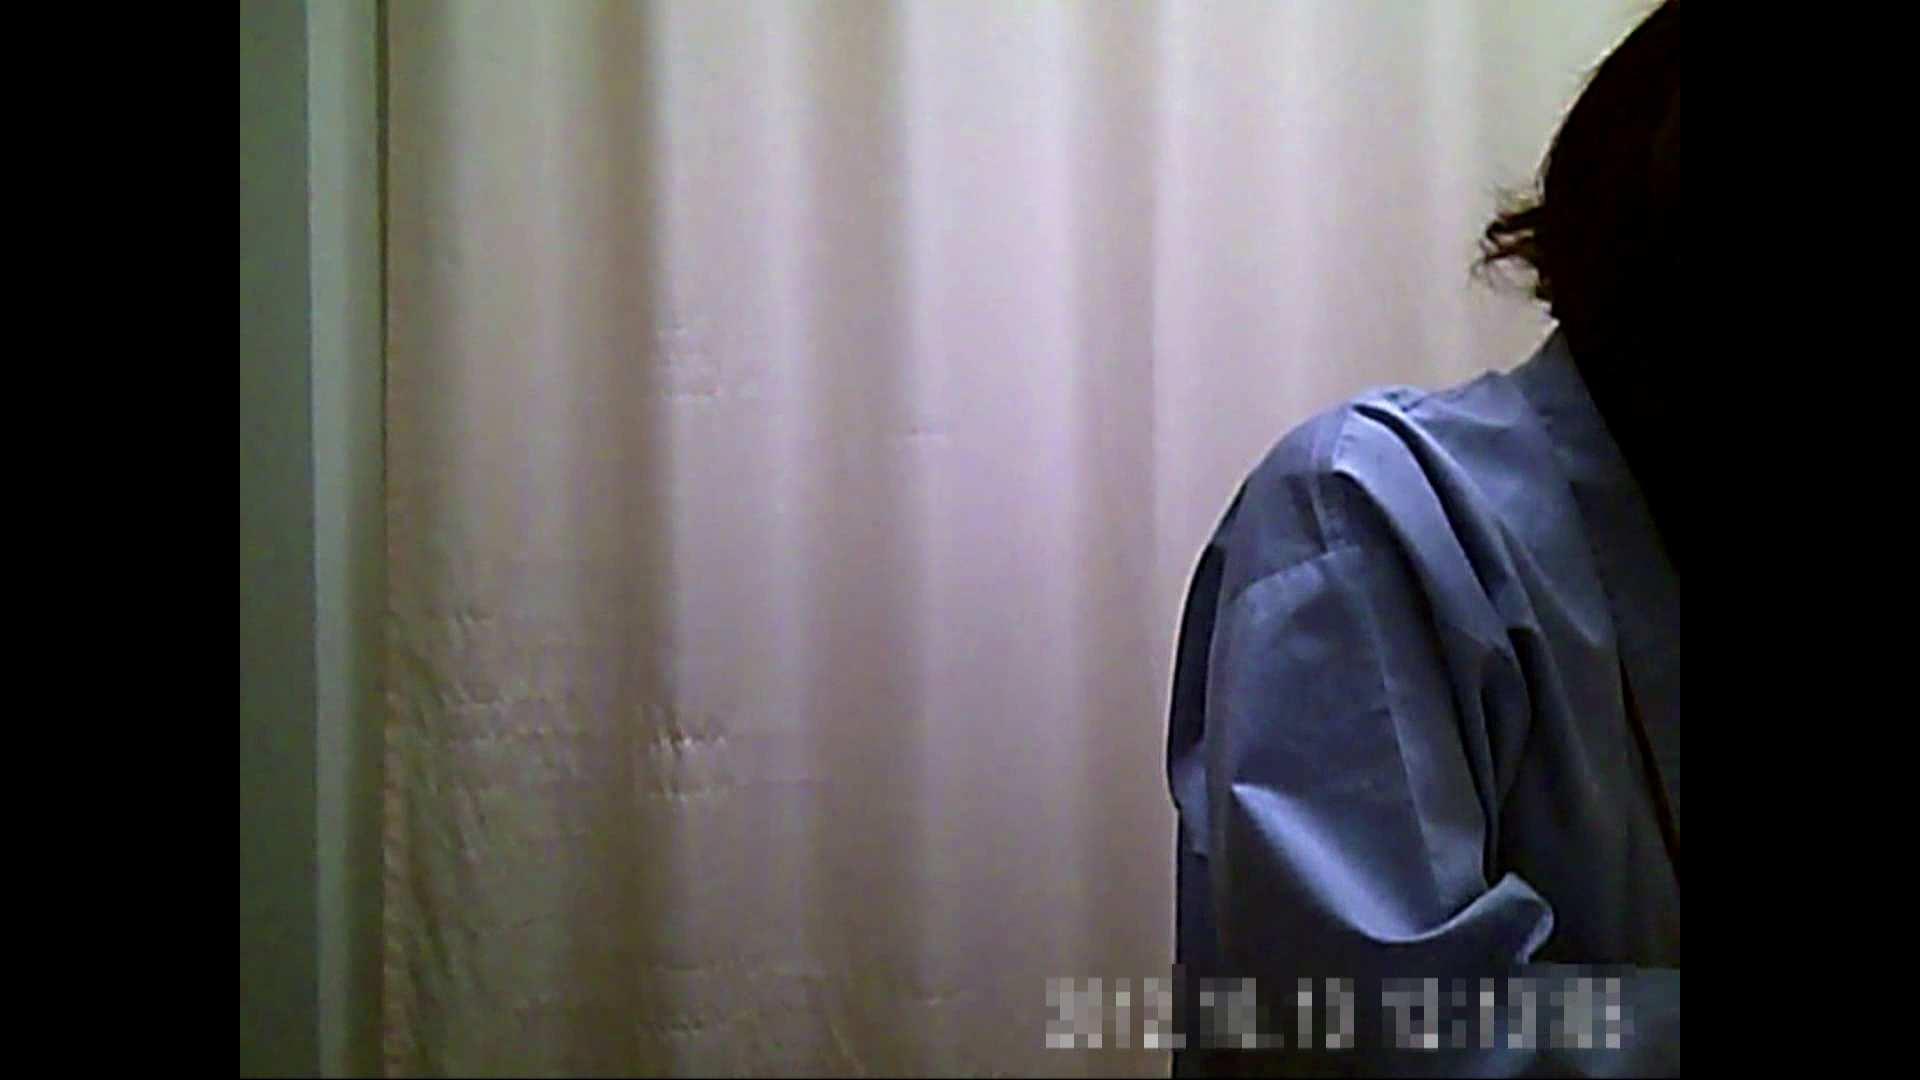 元医者による反抗 更衣室地獄絵巻 vol.059 OLハメ撮り  95Pix 56